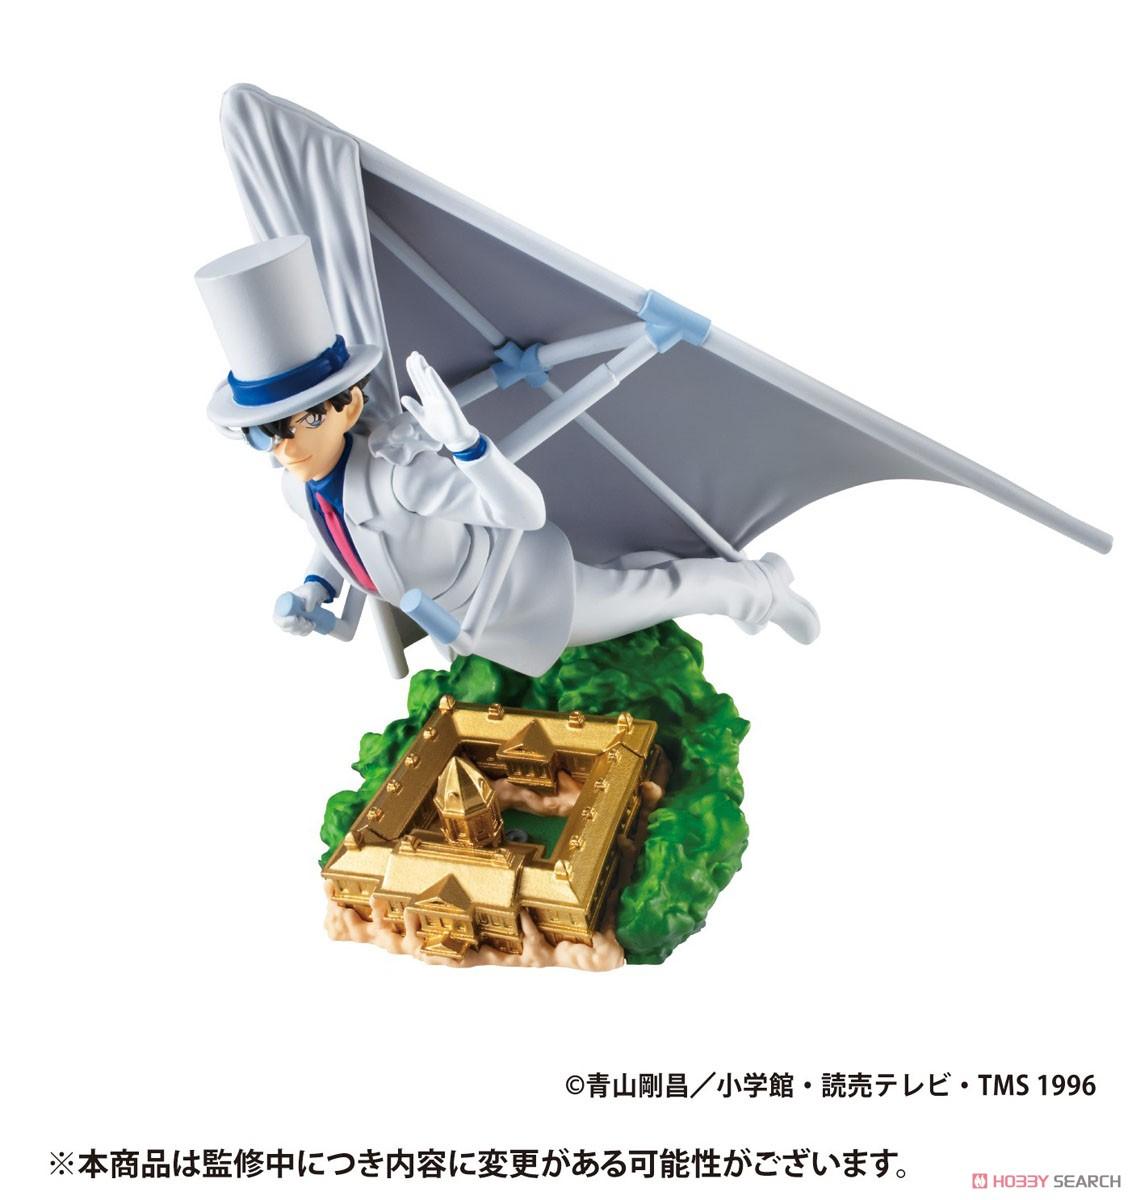 プチラマシリーズ『名探偵コナン SECRET SCENE BOX Vol.1』4個入りBOX-003